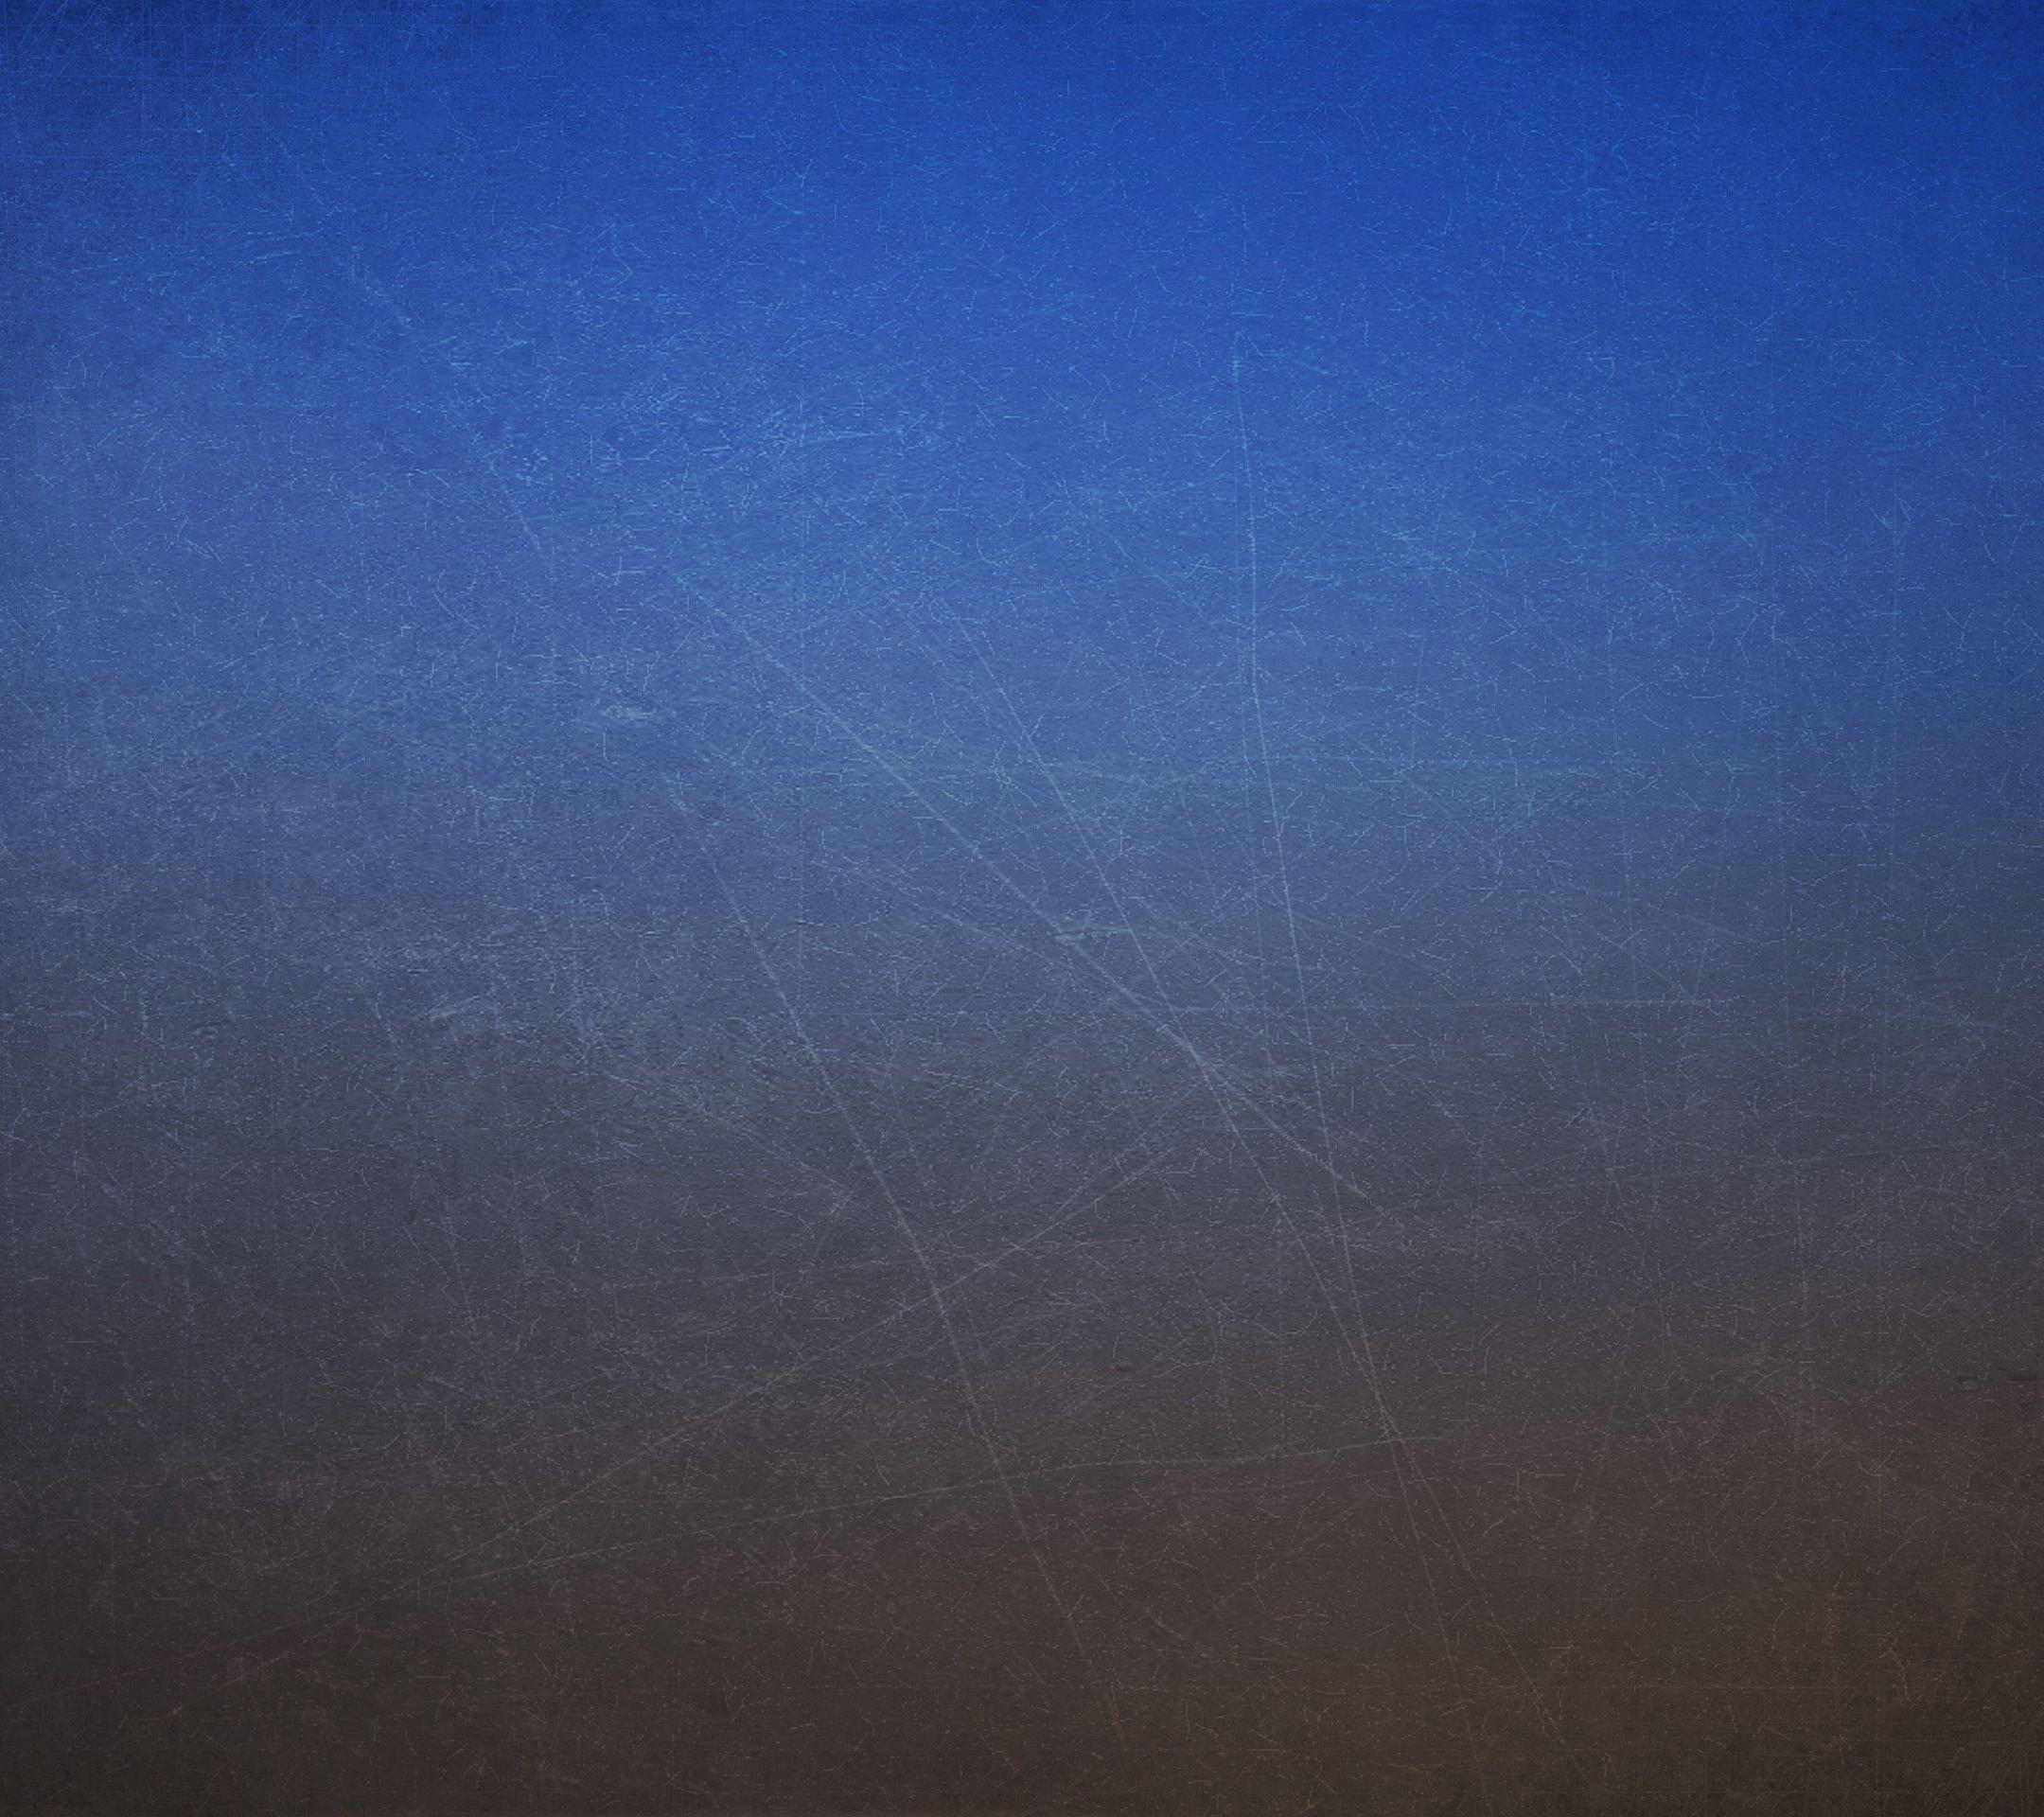 模様青黒 Wallpaper Sc スマホ壁紙